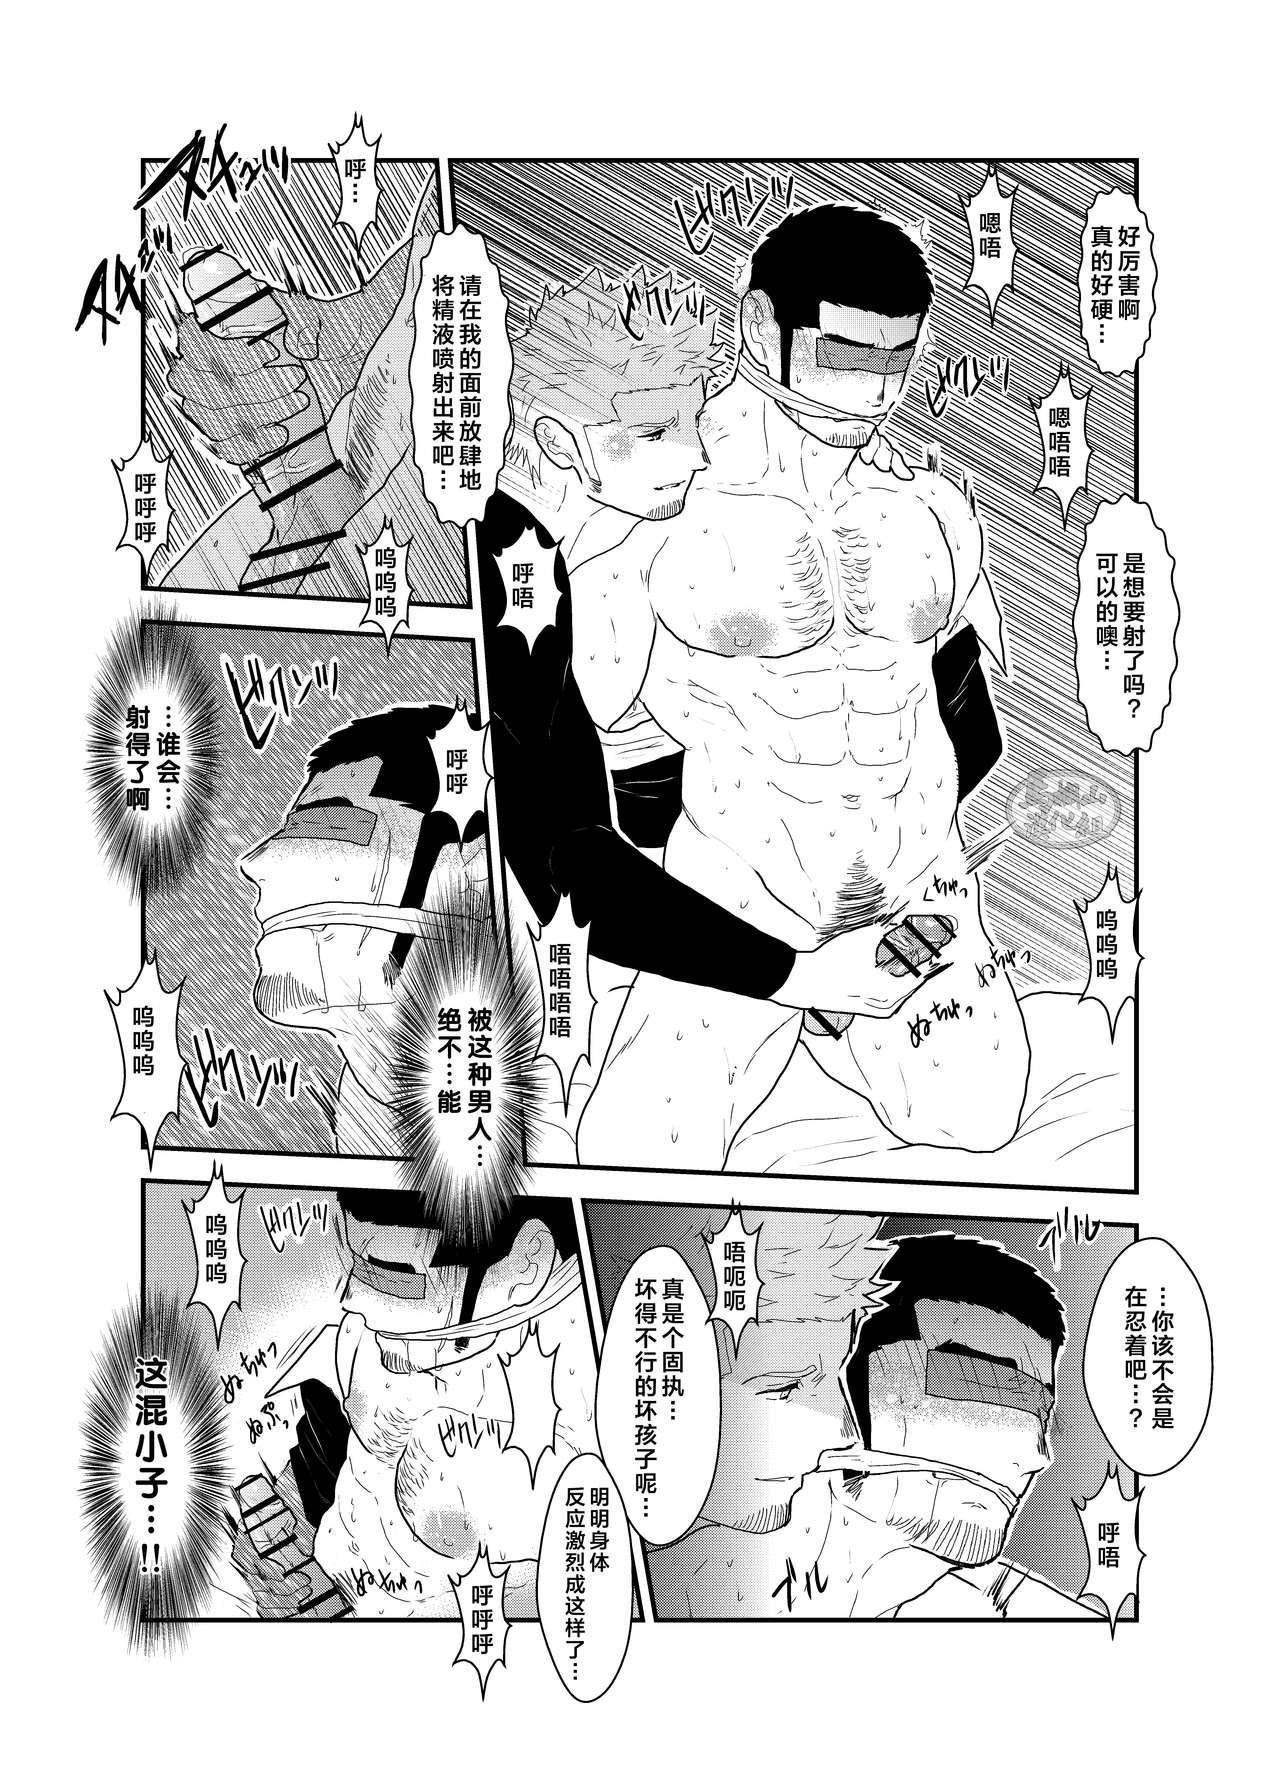 Moshimo Yakuza ni Koigokoro ga Mebae Hajimetara 19